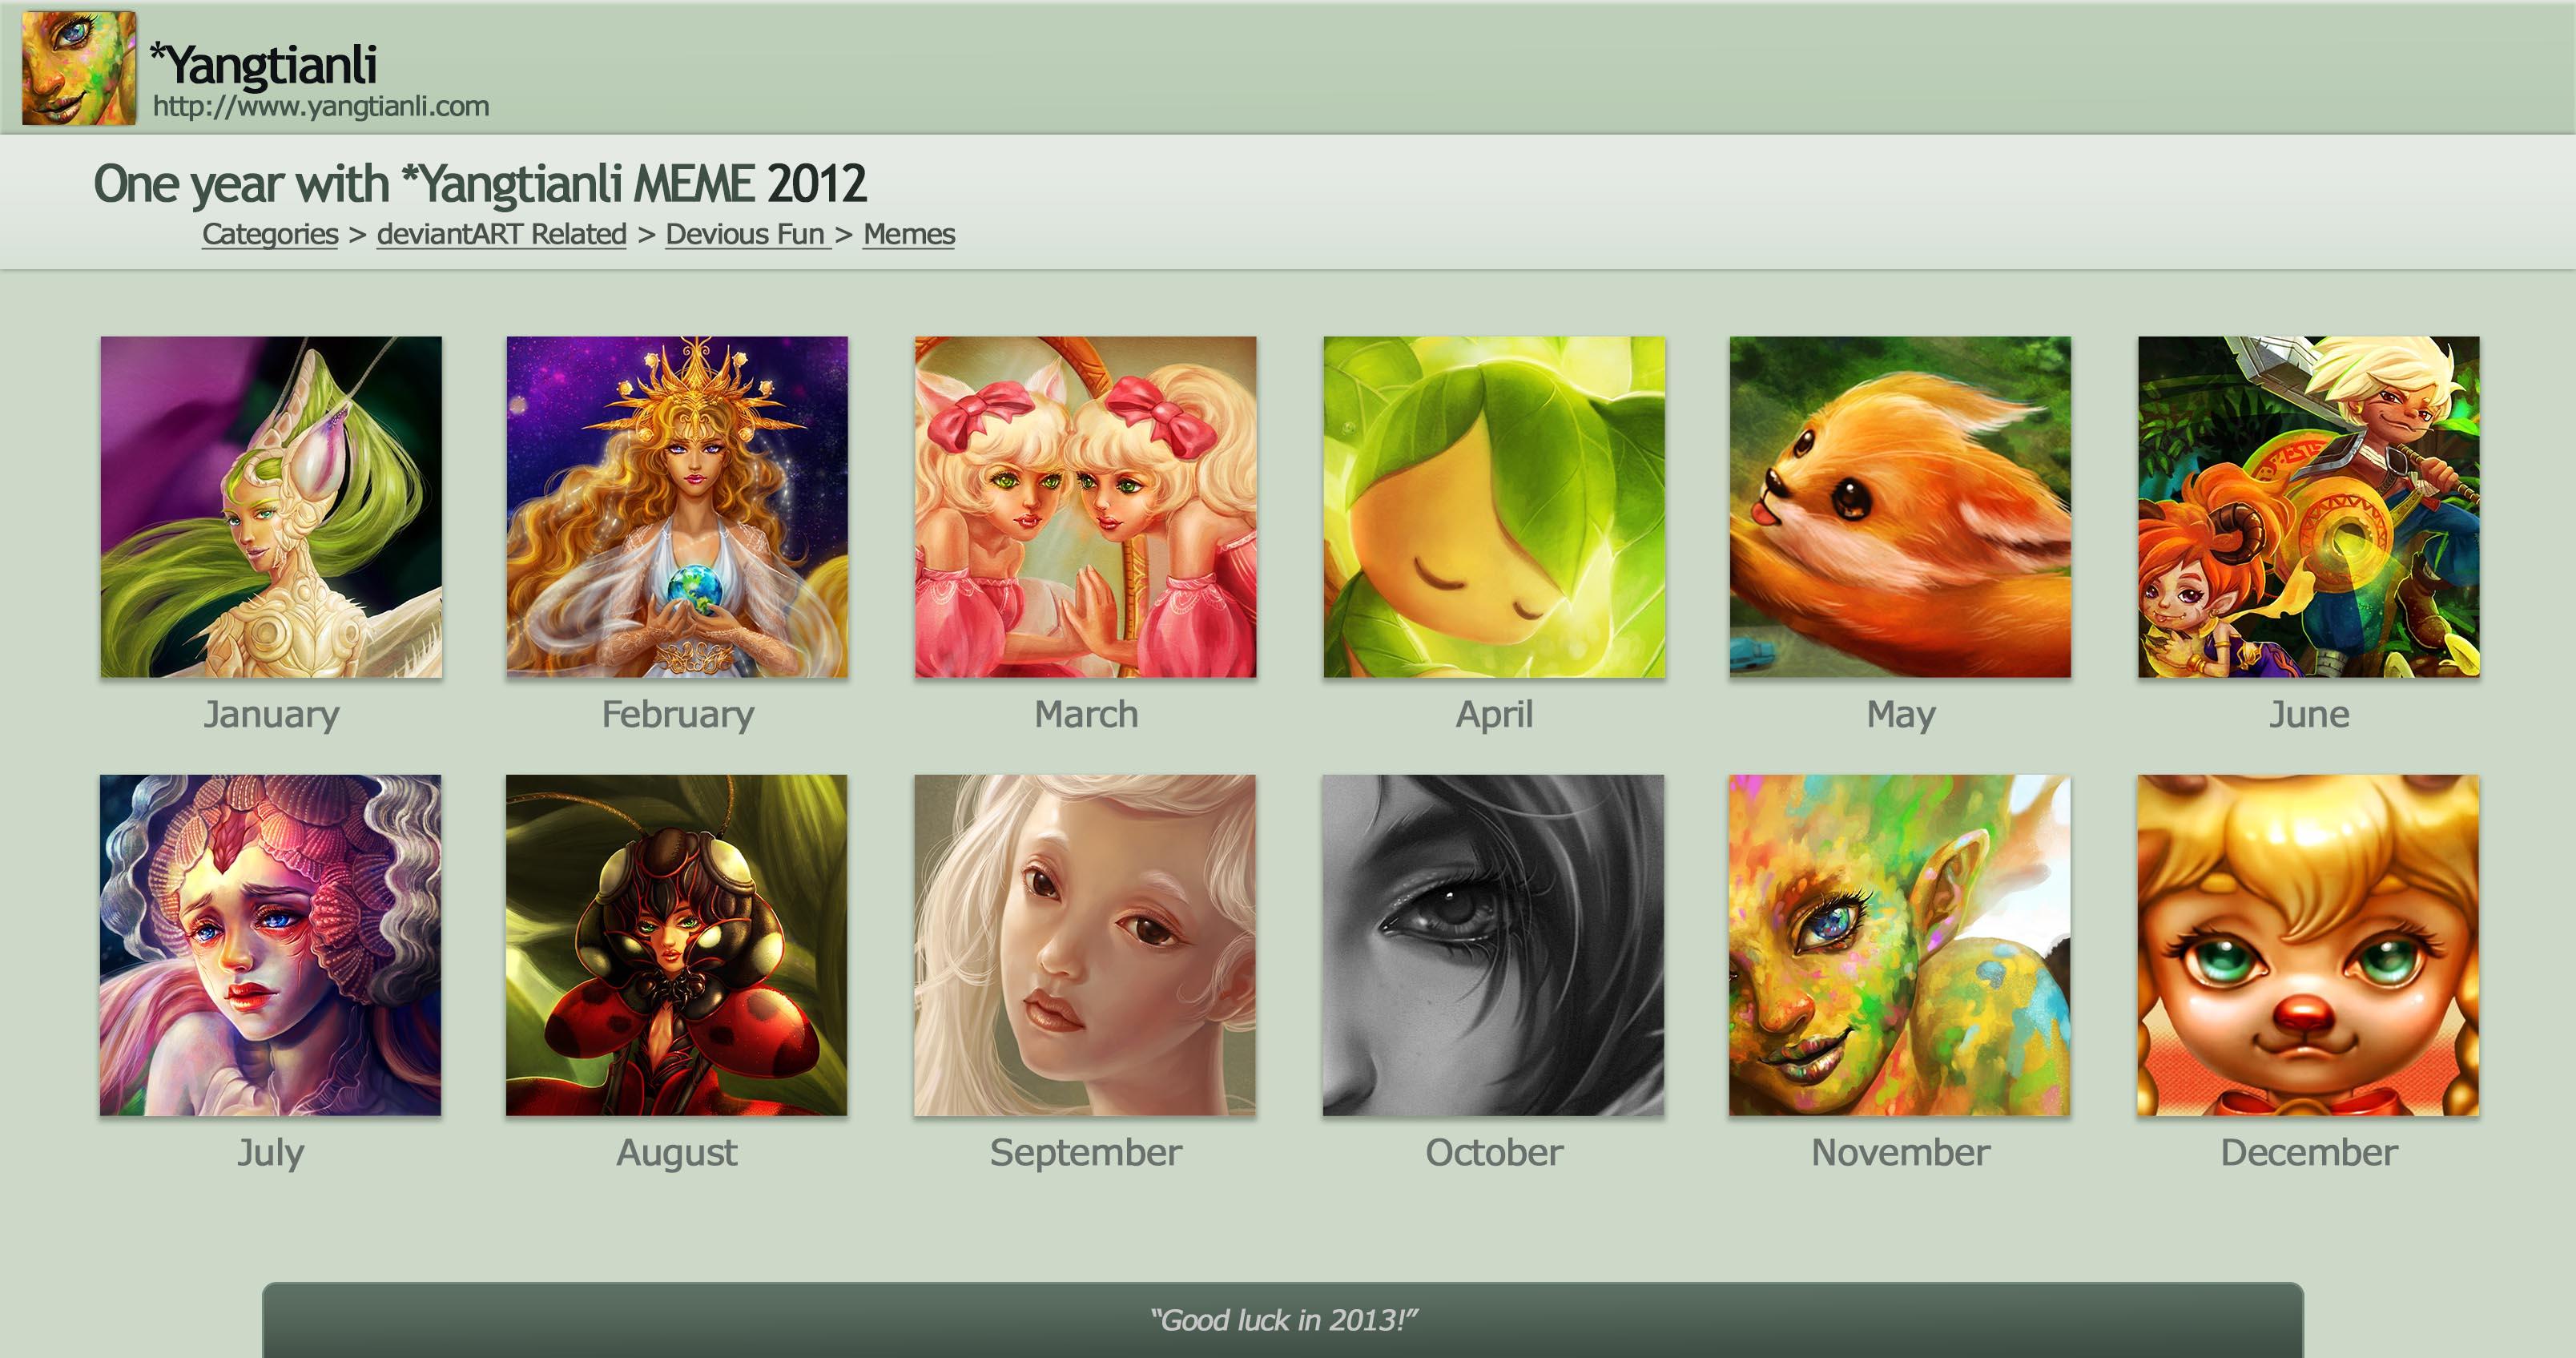 2012 summery meme by yangtianli